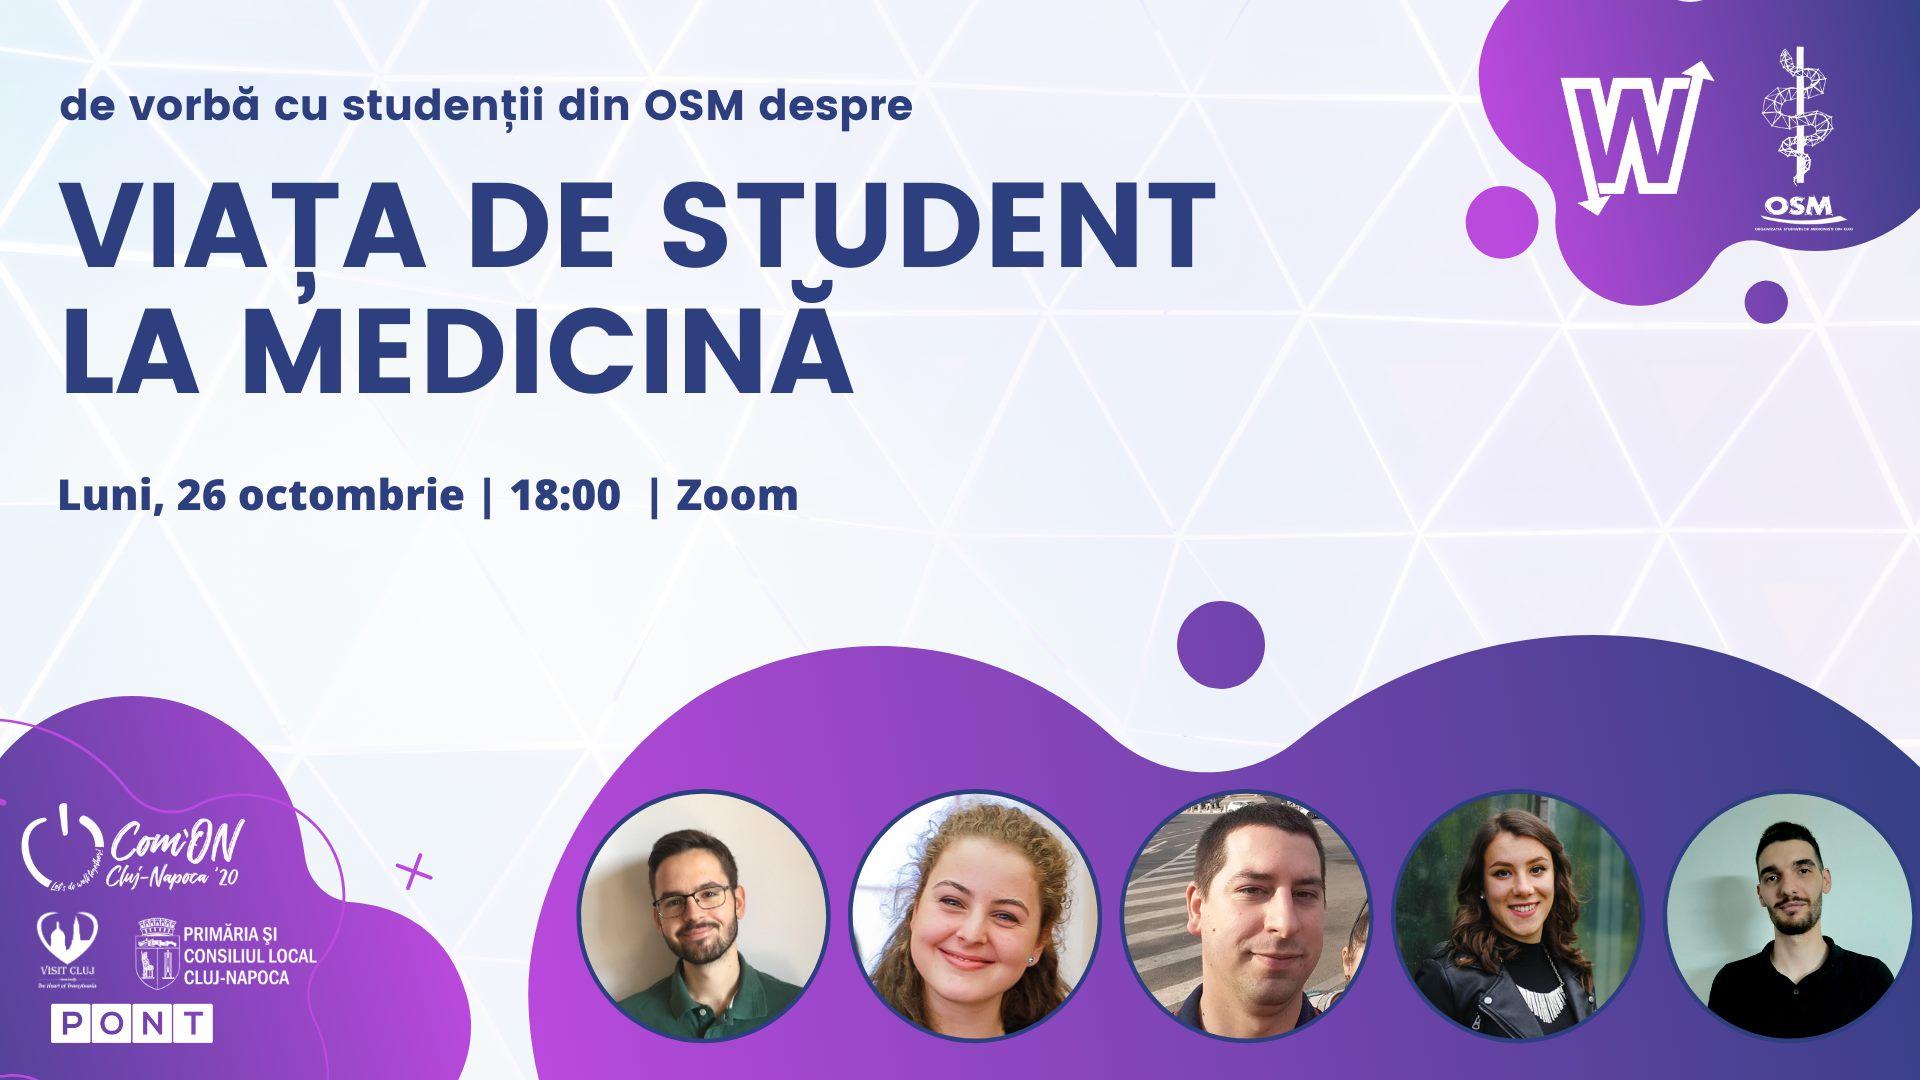 Viata de student la medicina